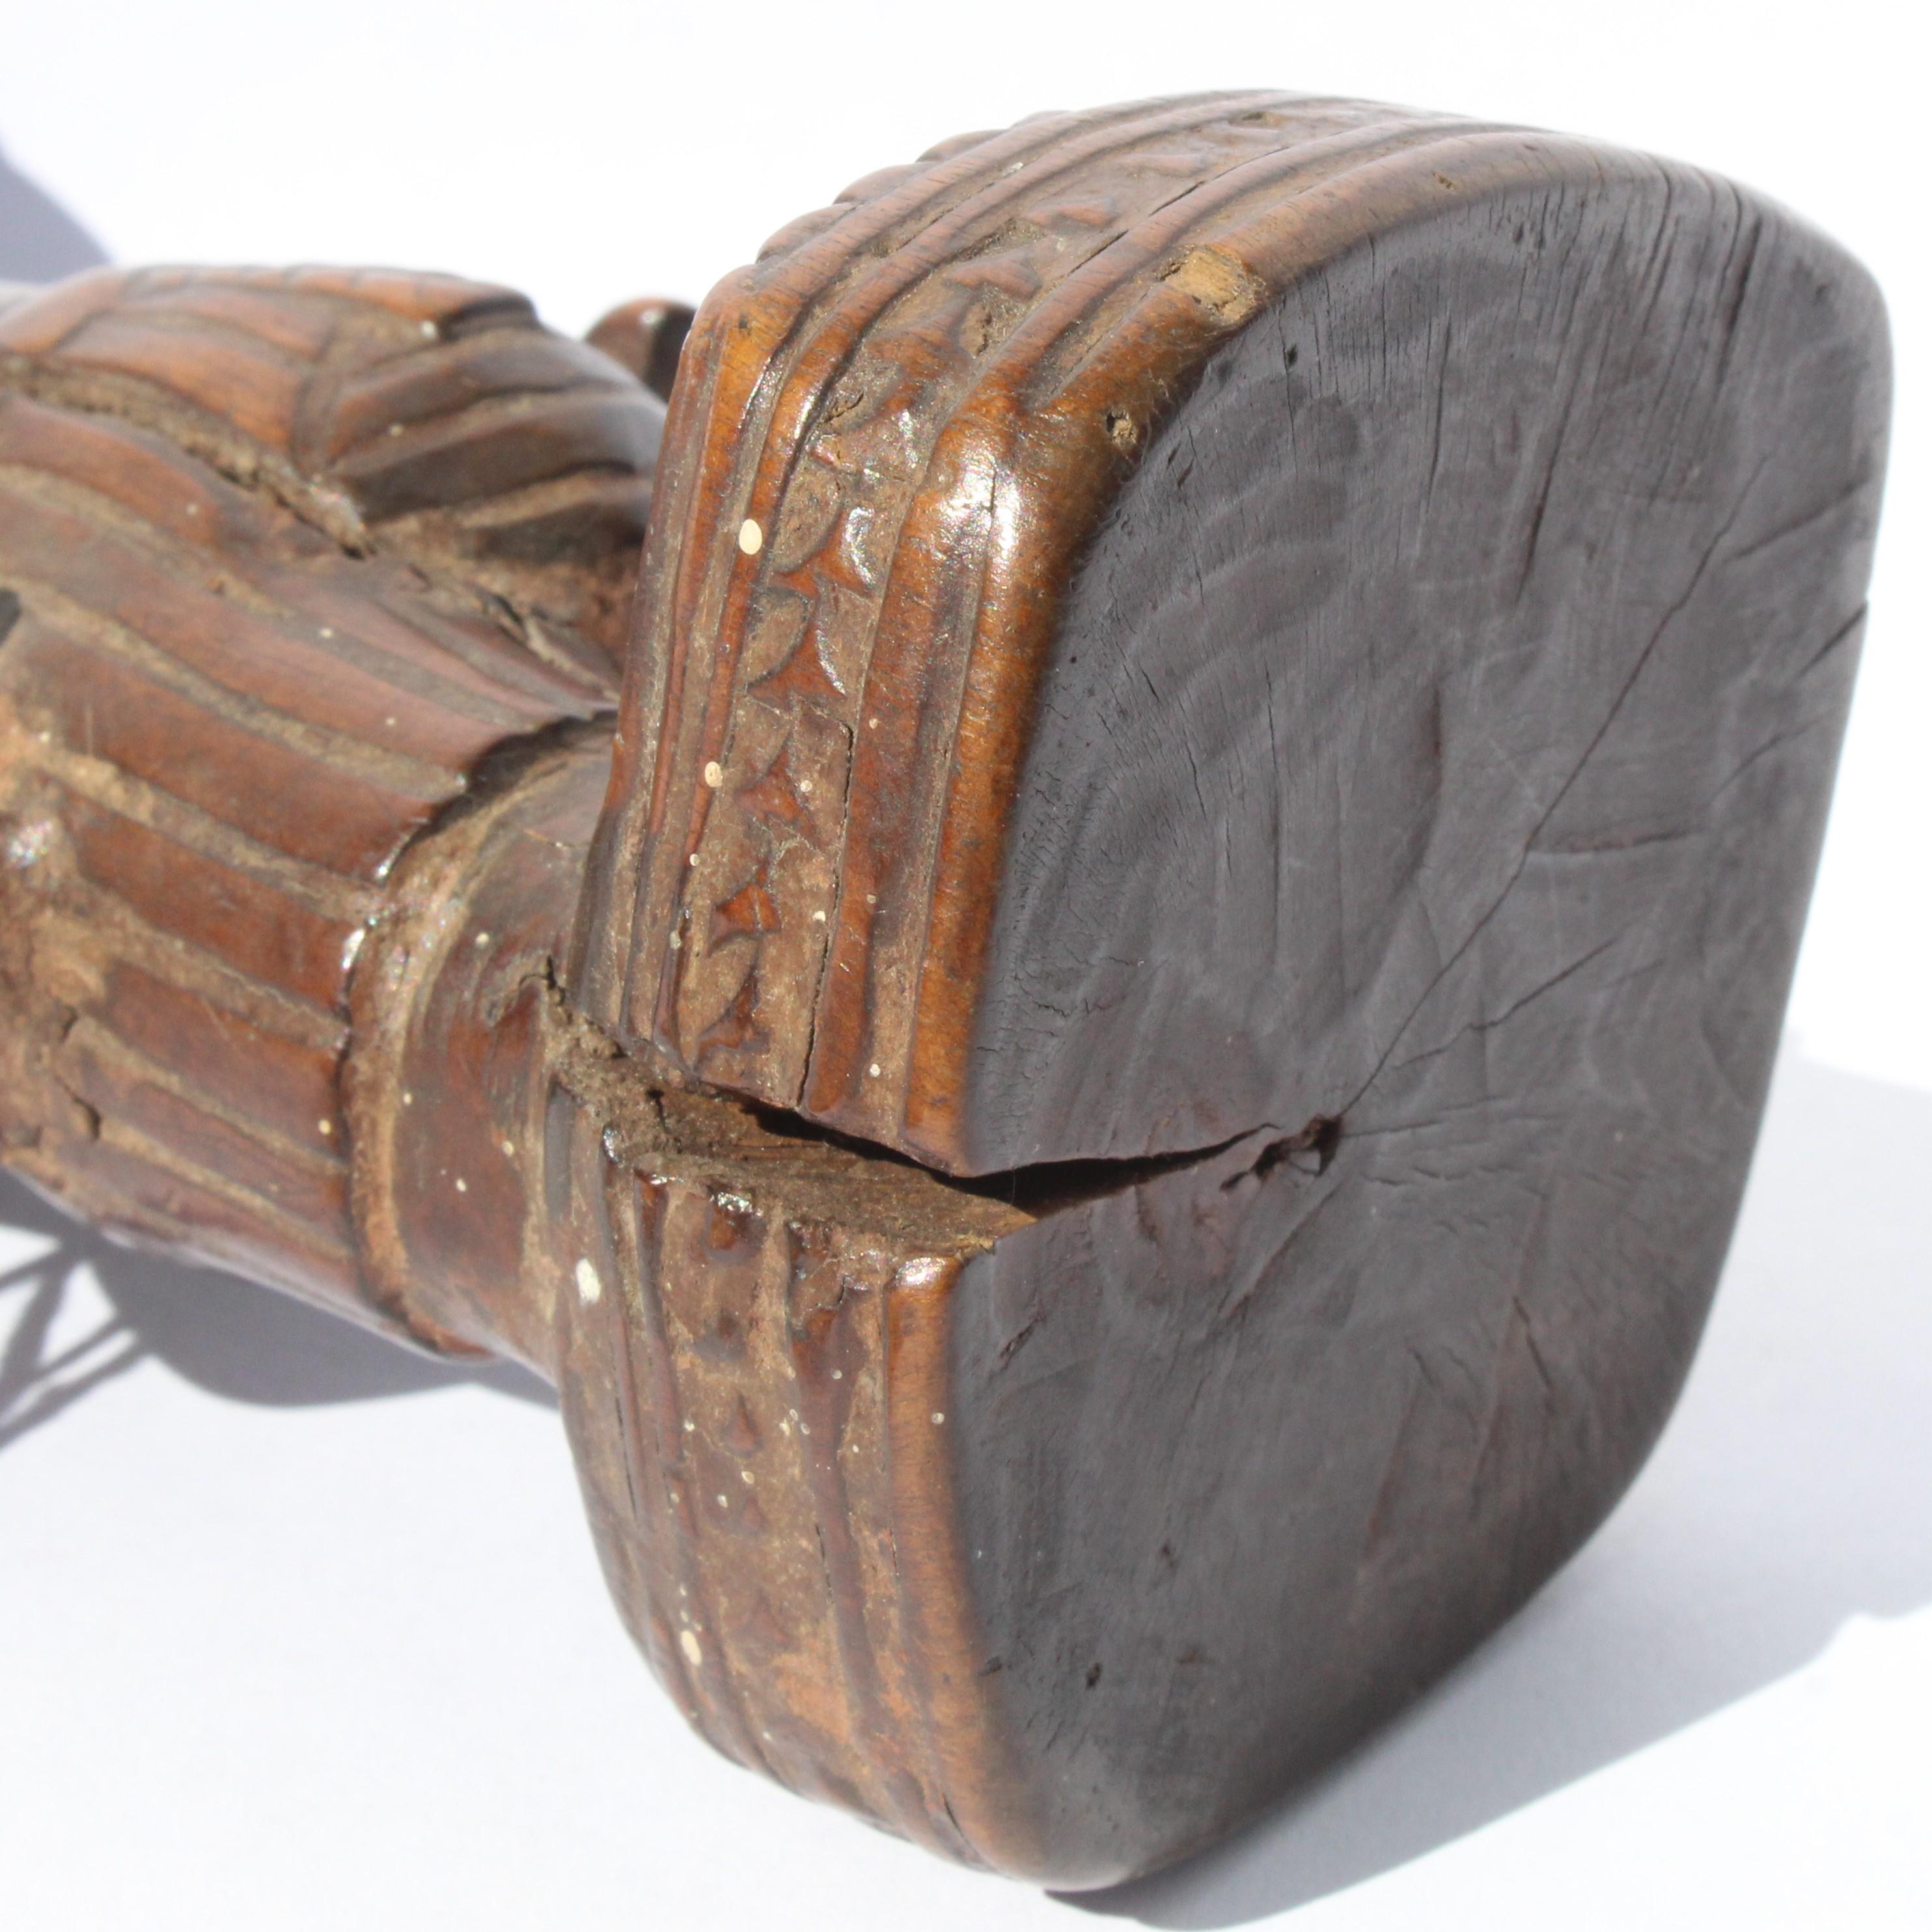 An Ere Ibeji Figure. Abeokuta style, Egba region.